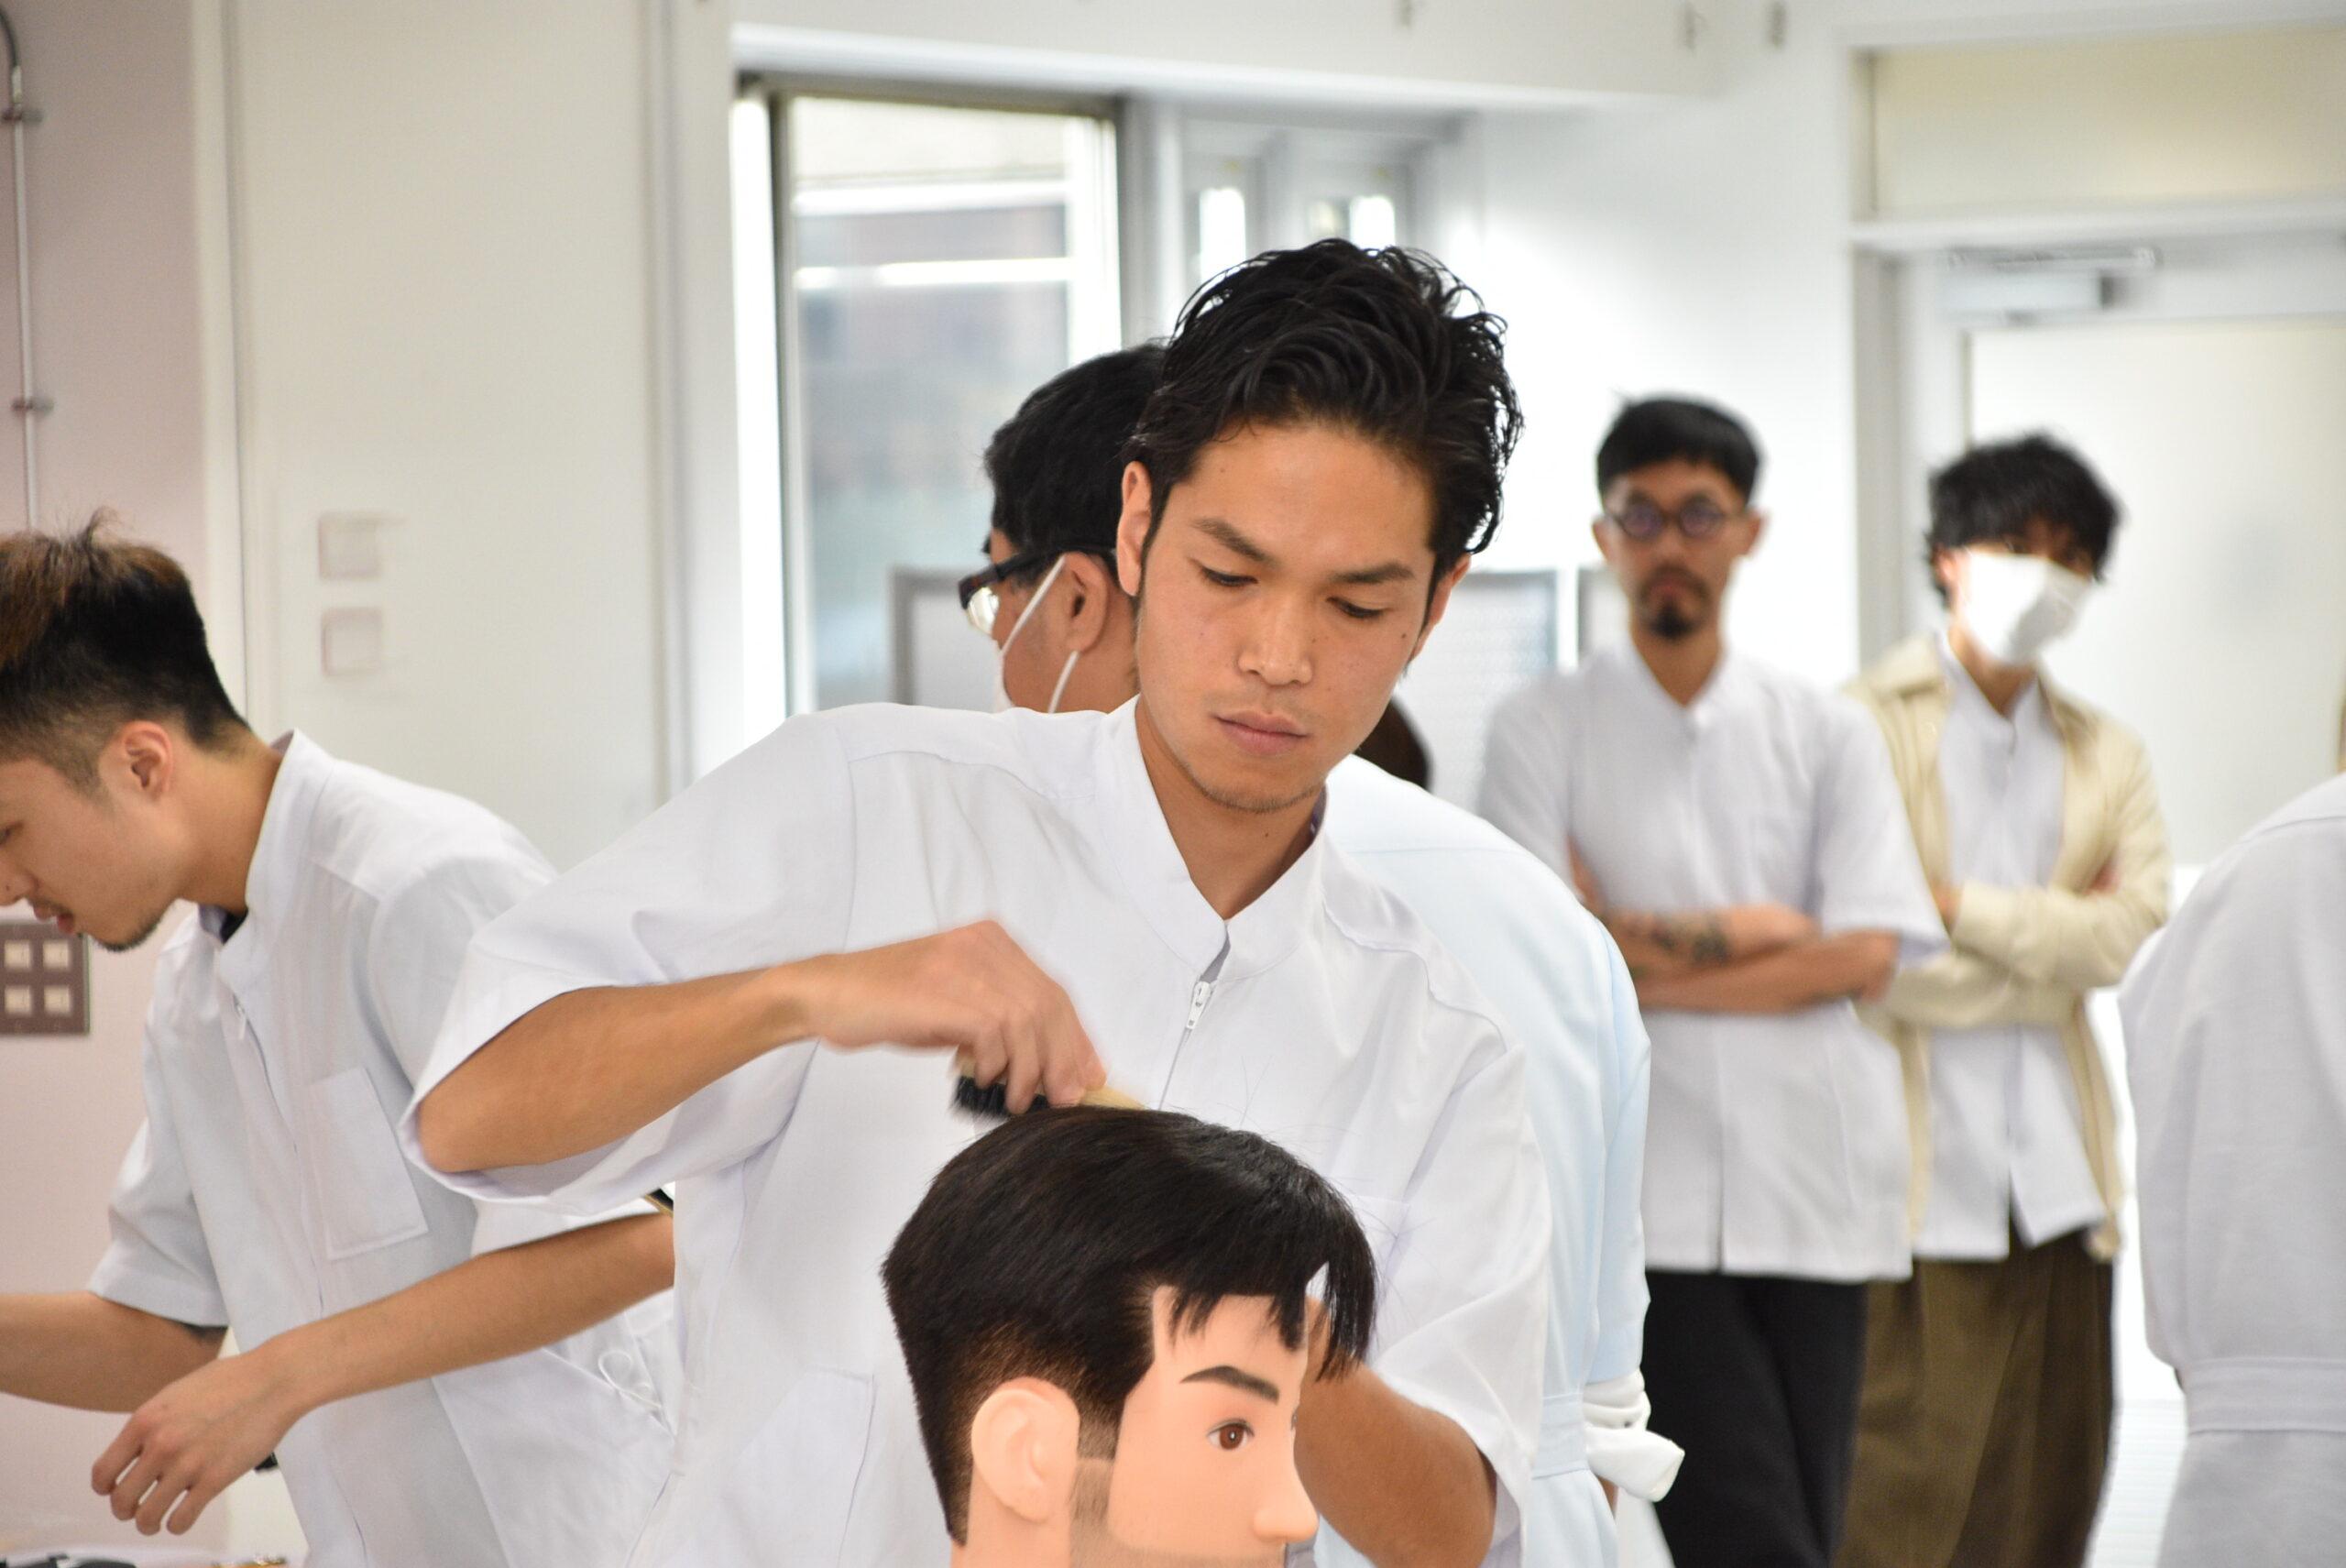 10月4日(月)美容修得者コース・オープンキャンパス